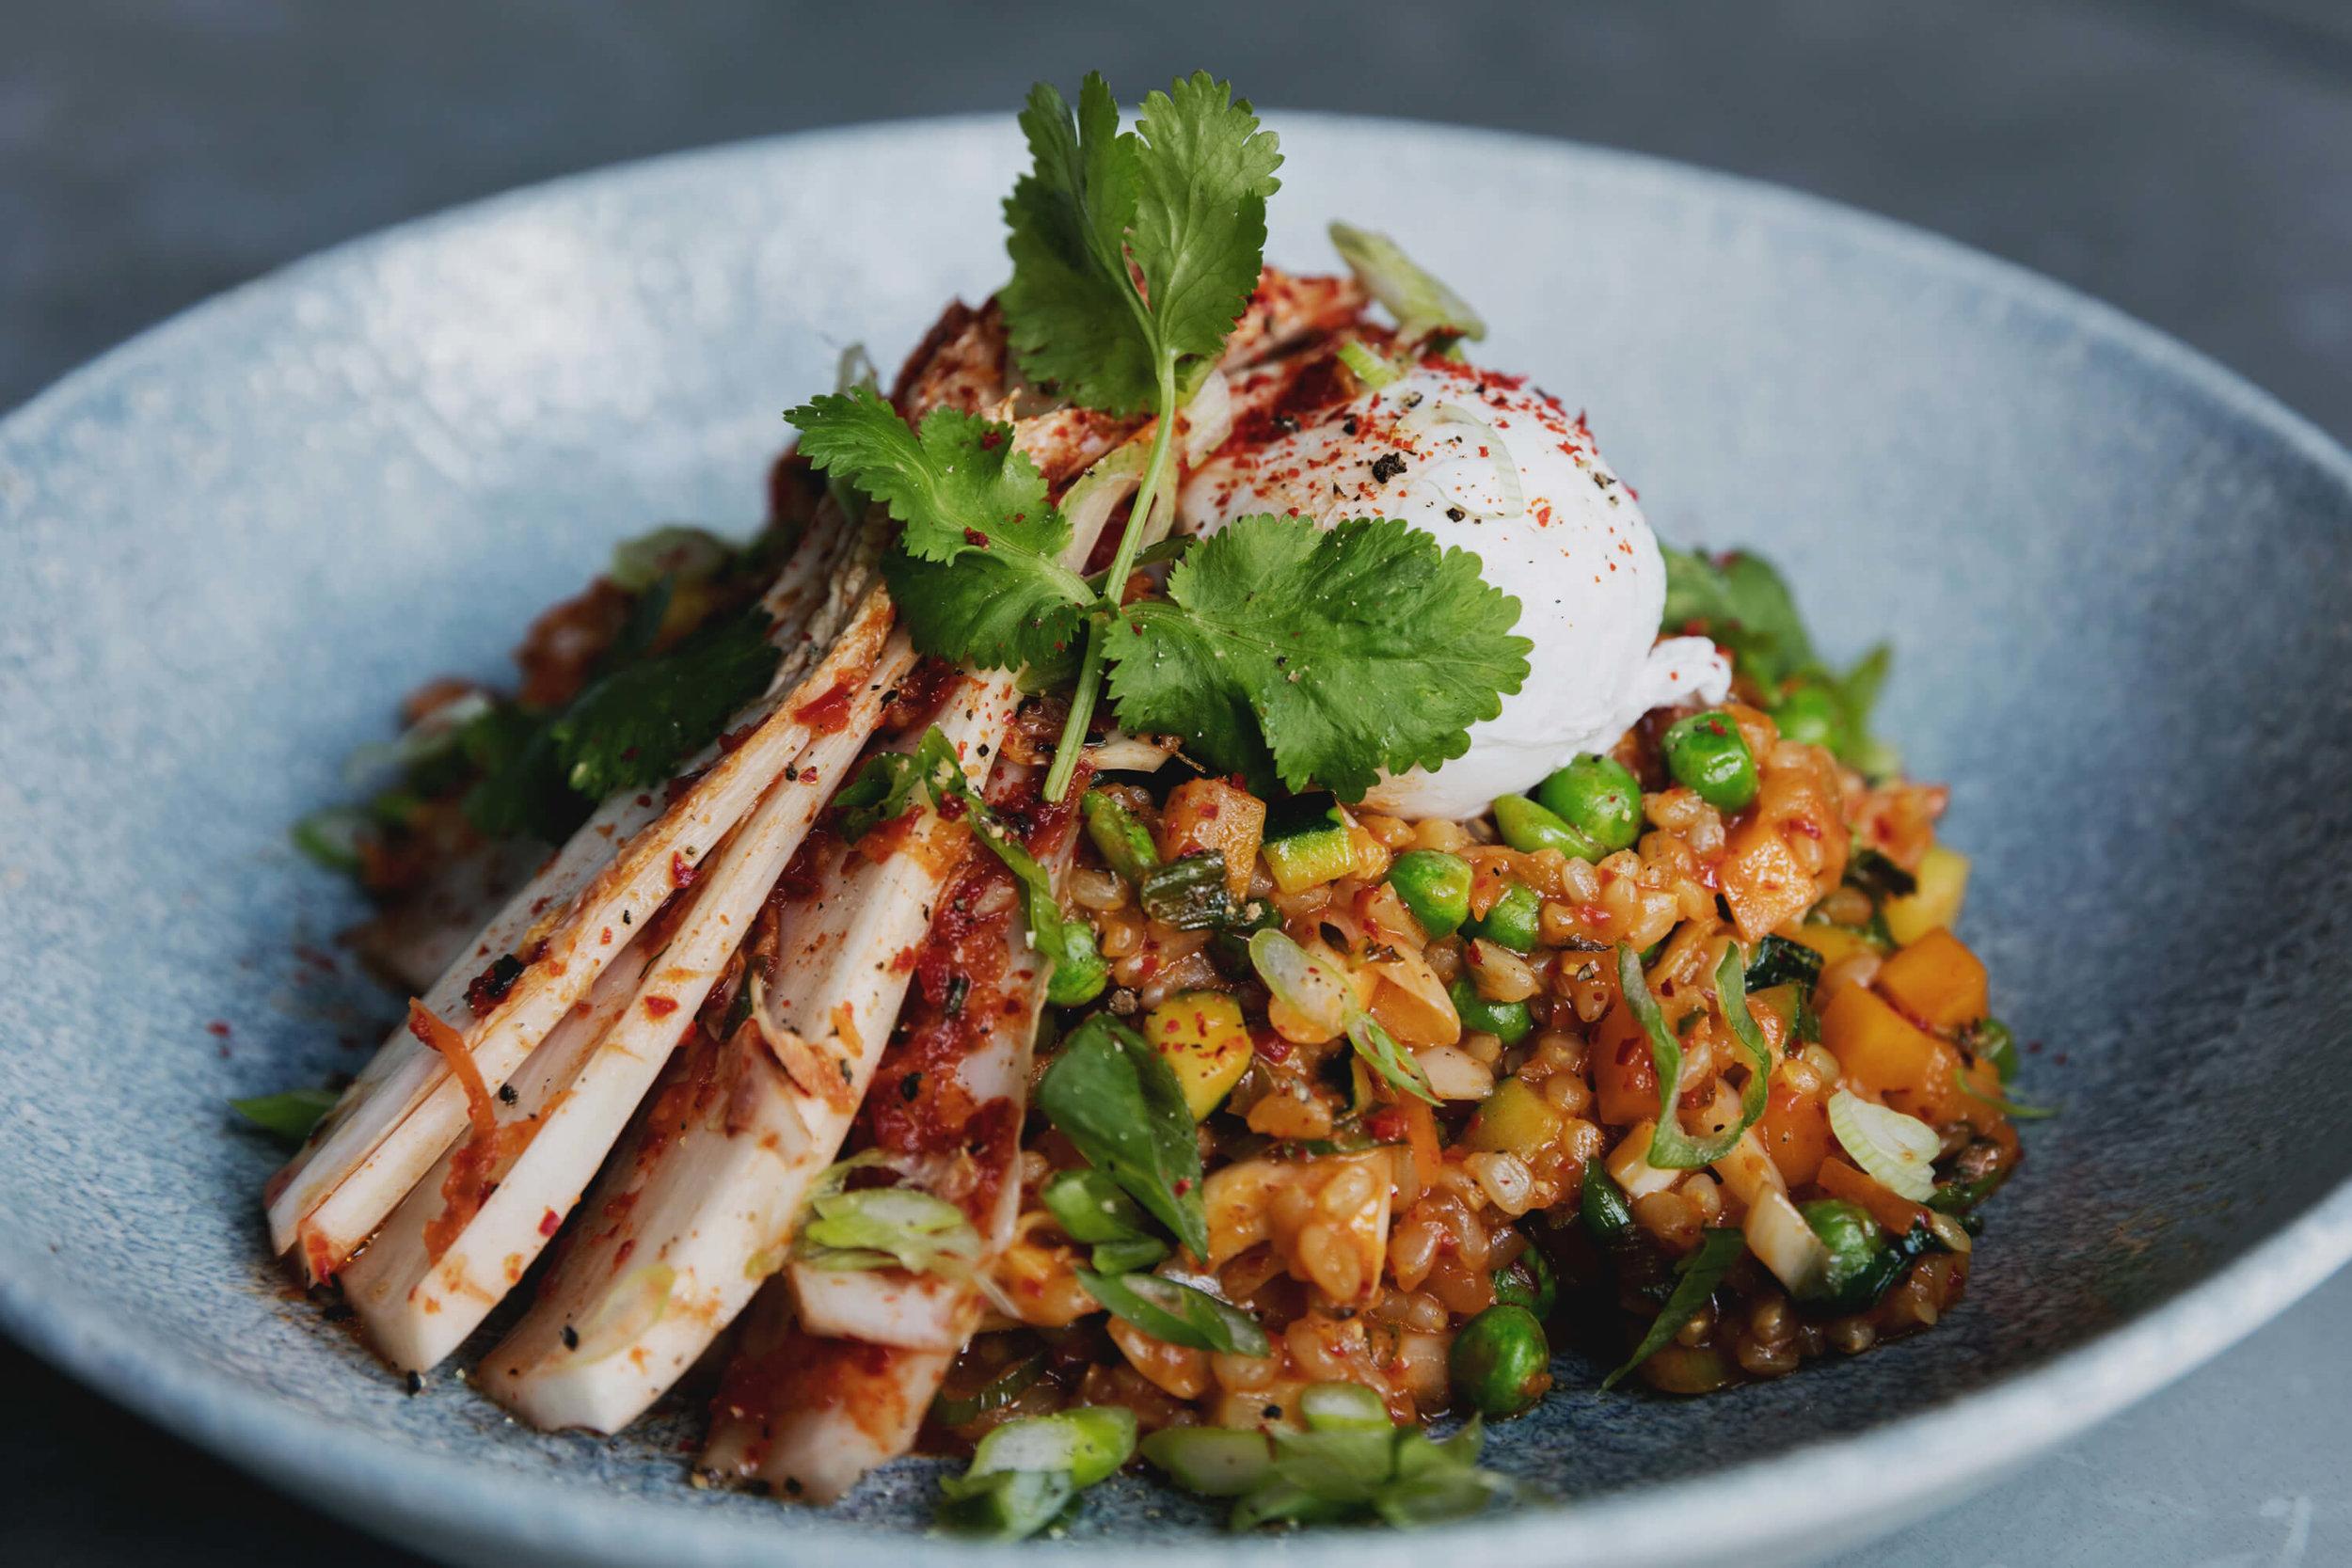 Copy of Kimchi.jpg